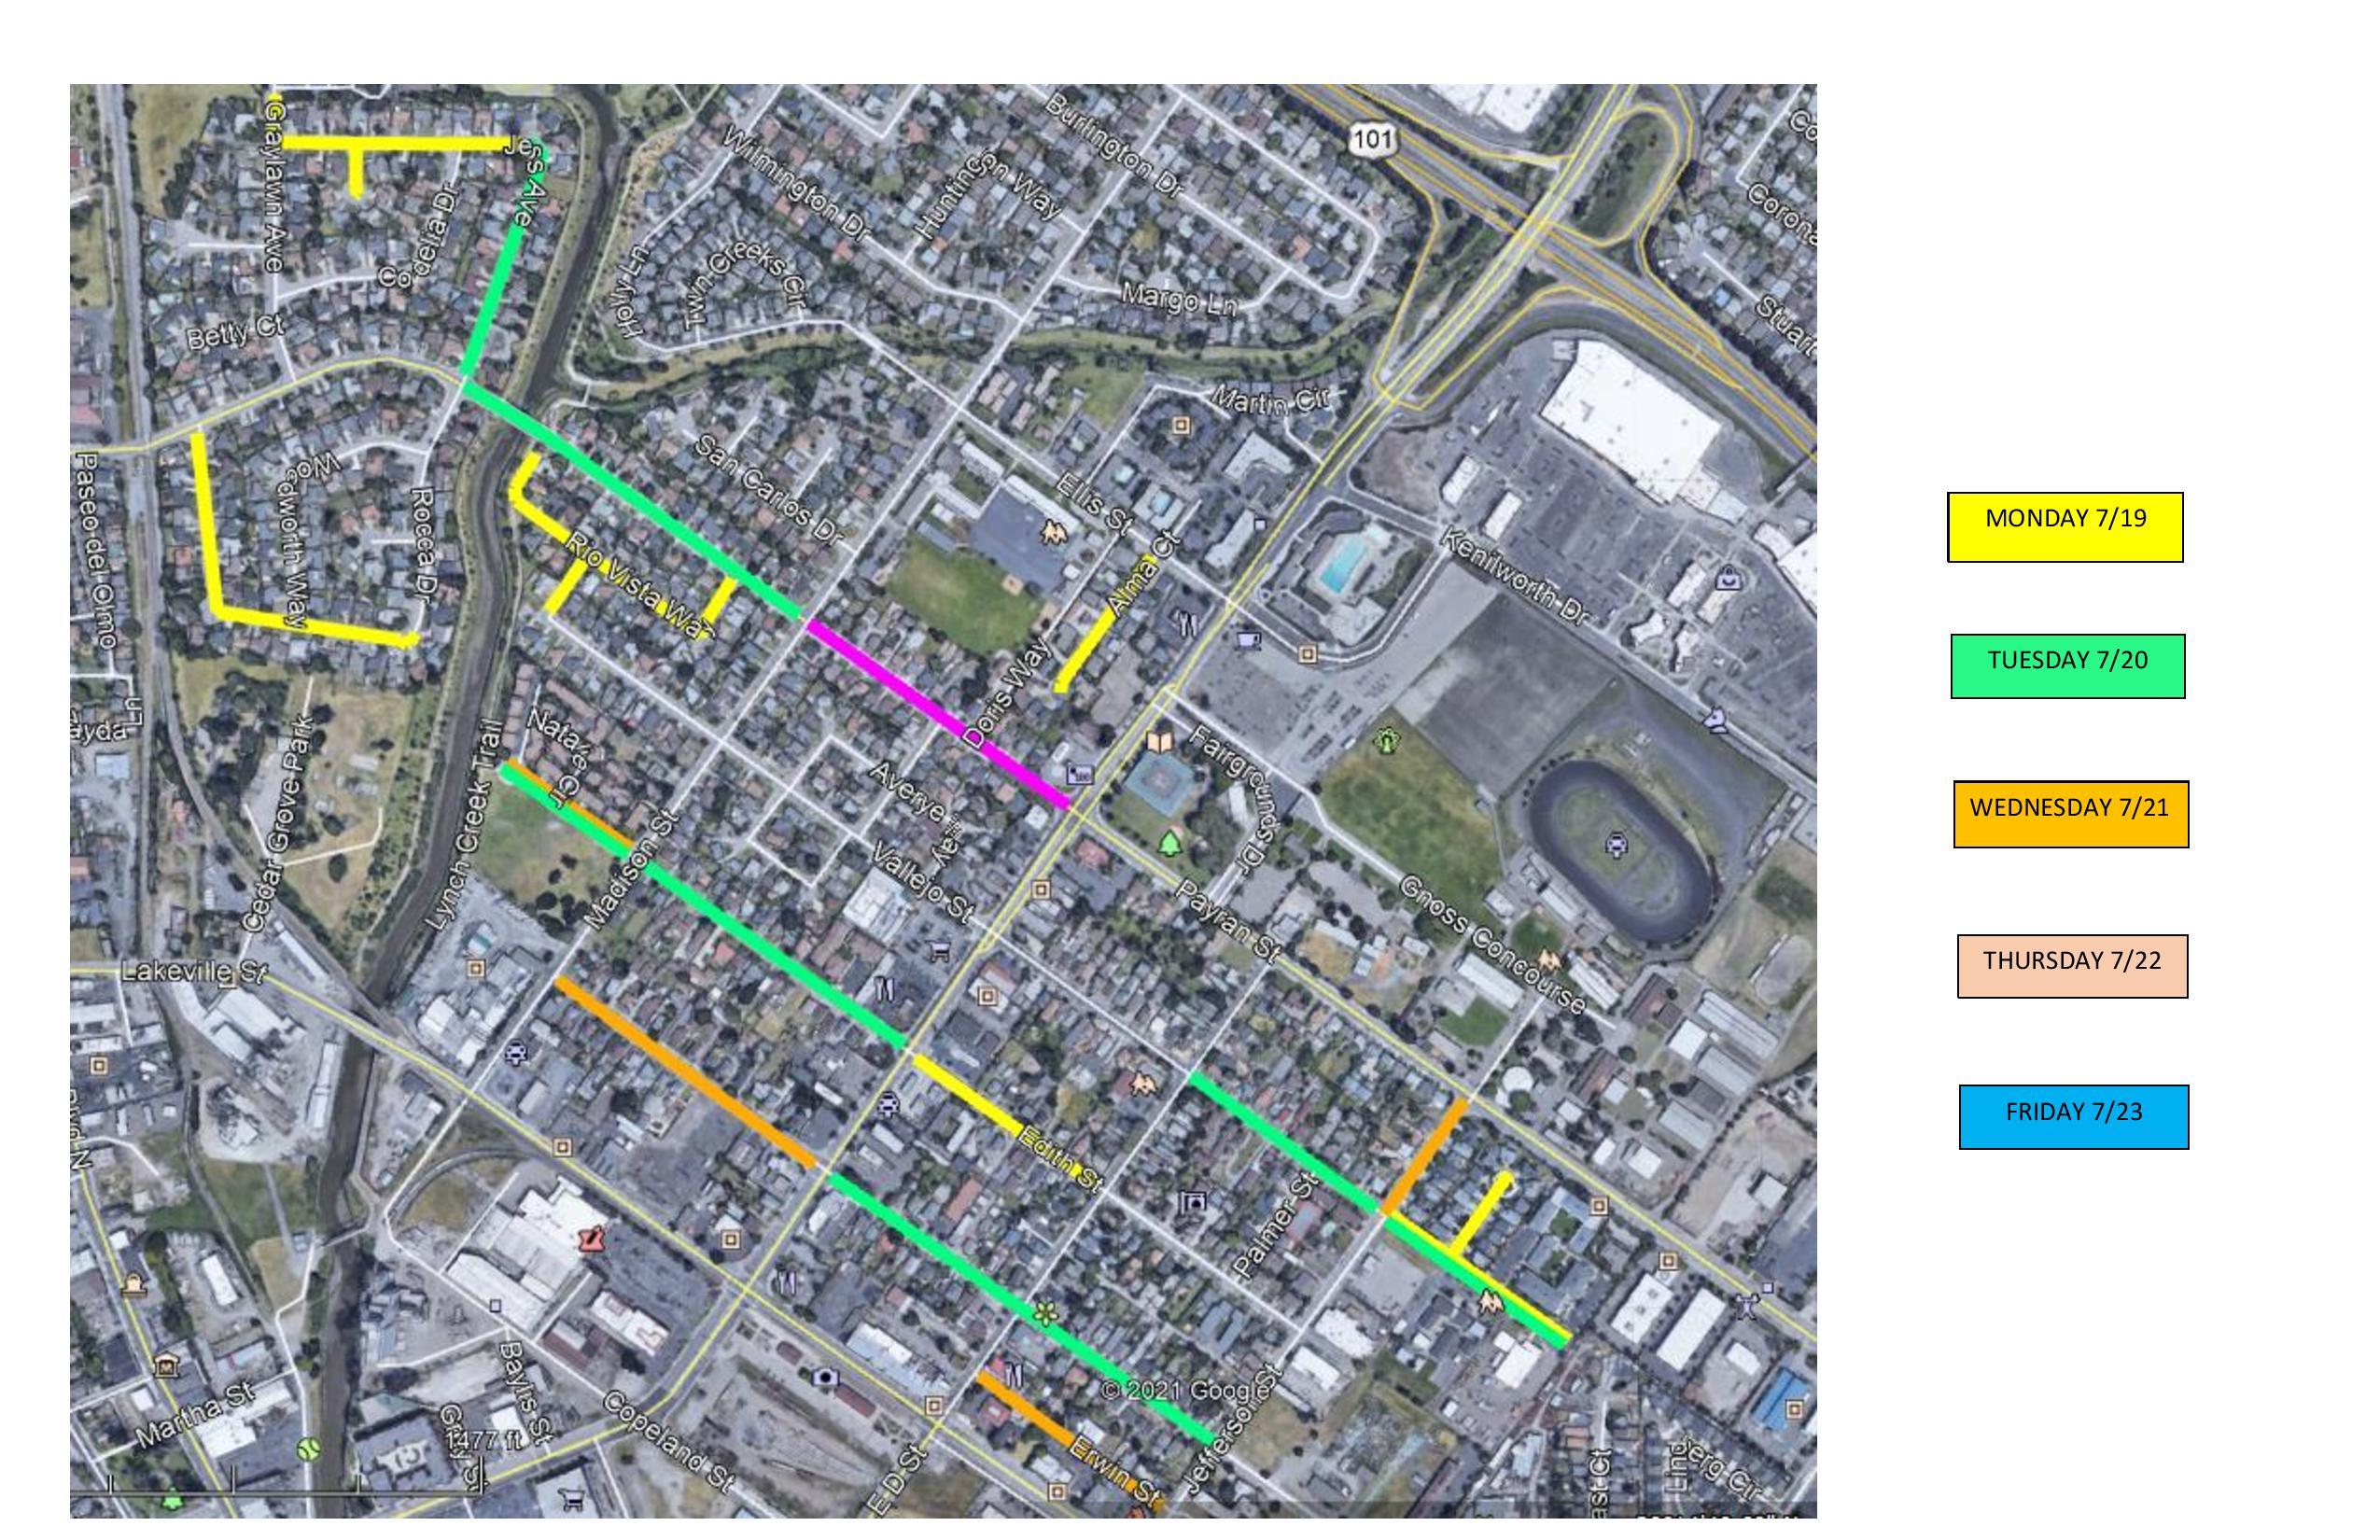 Pavement Map 2 7_19 thru 7_23-page-001